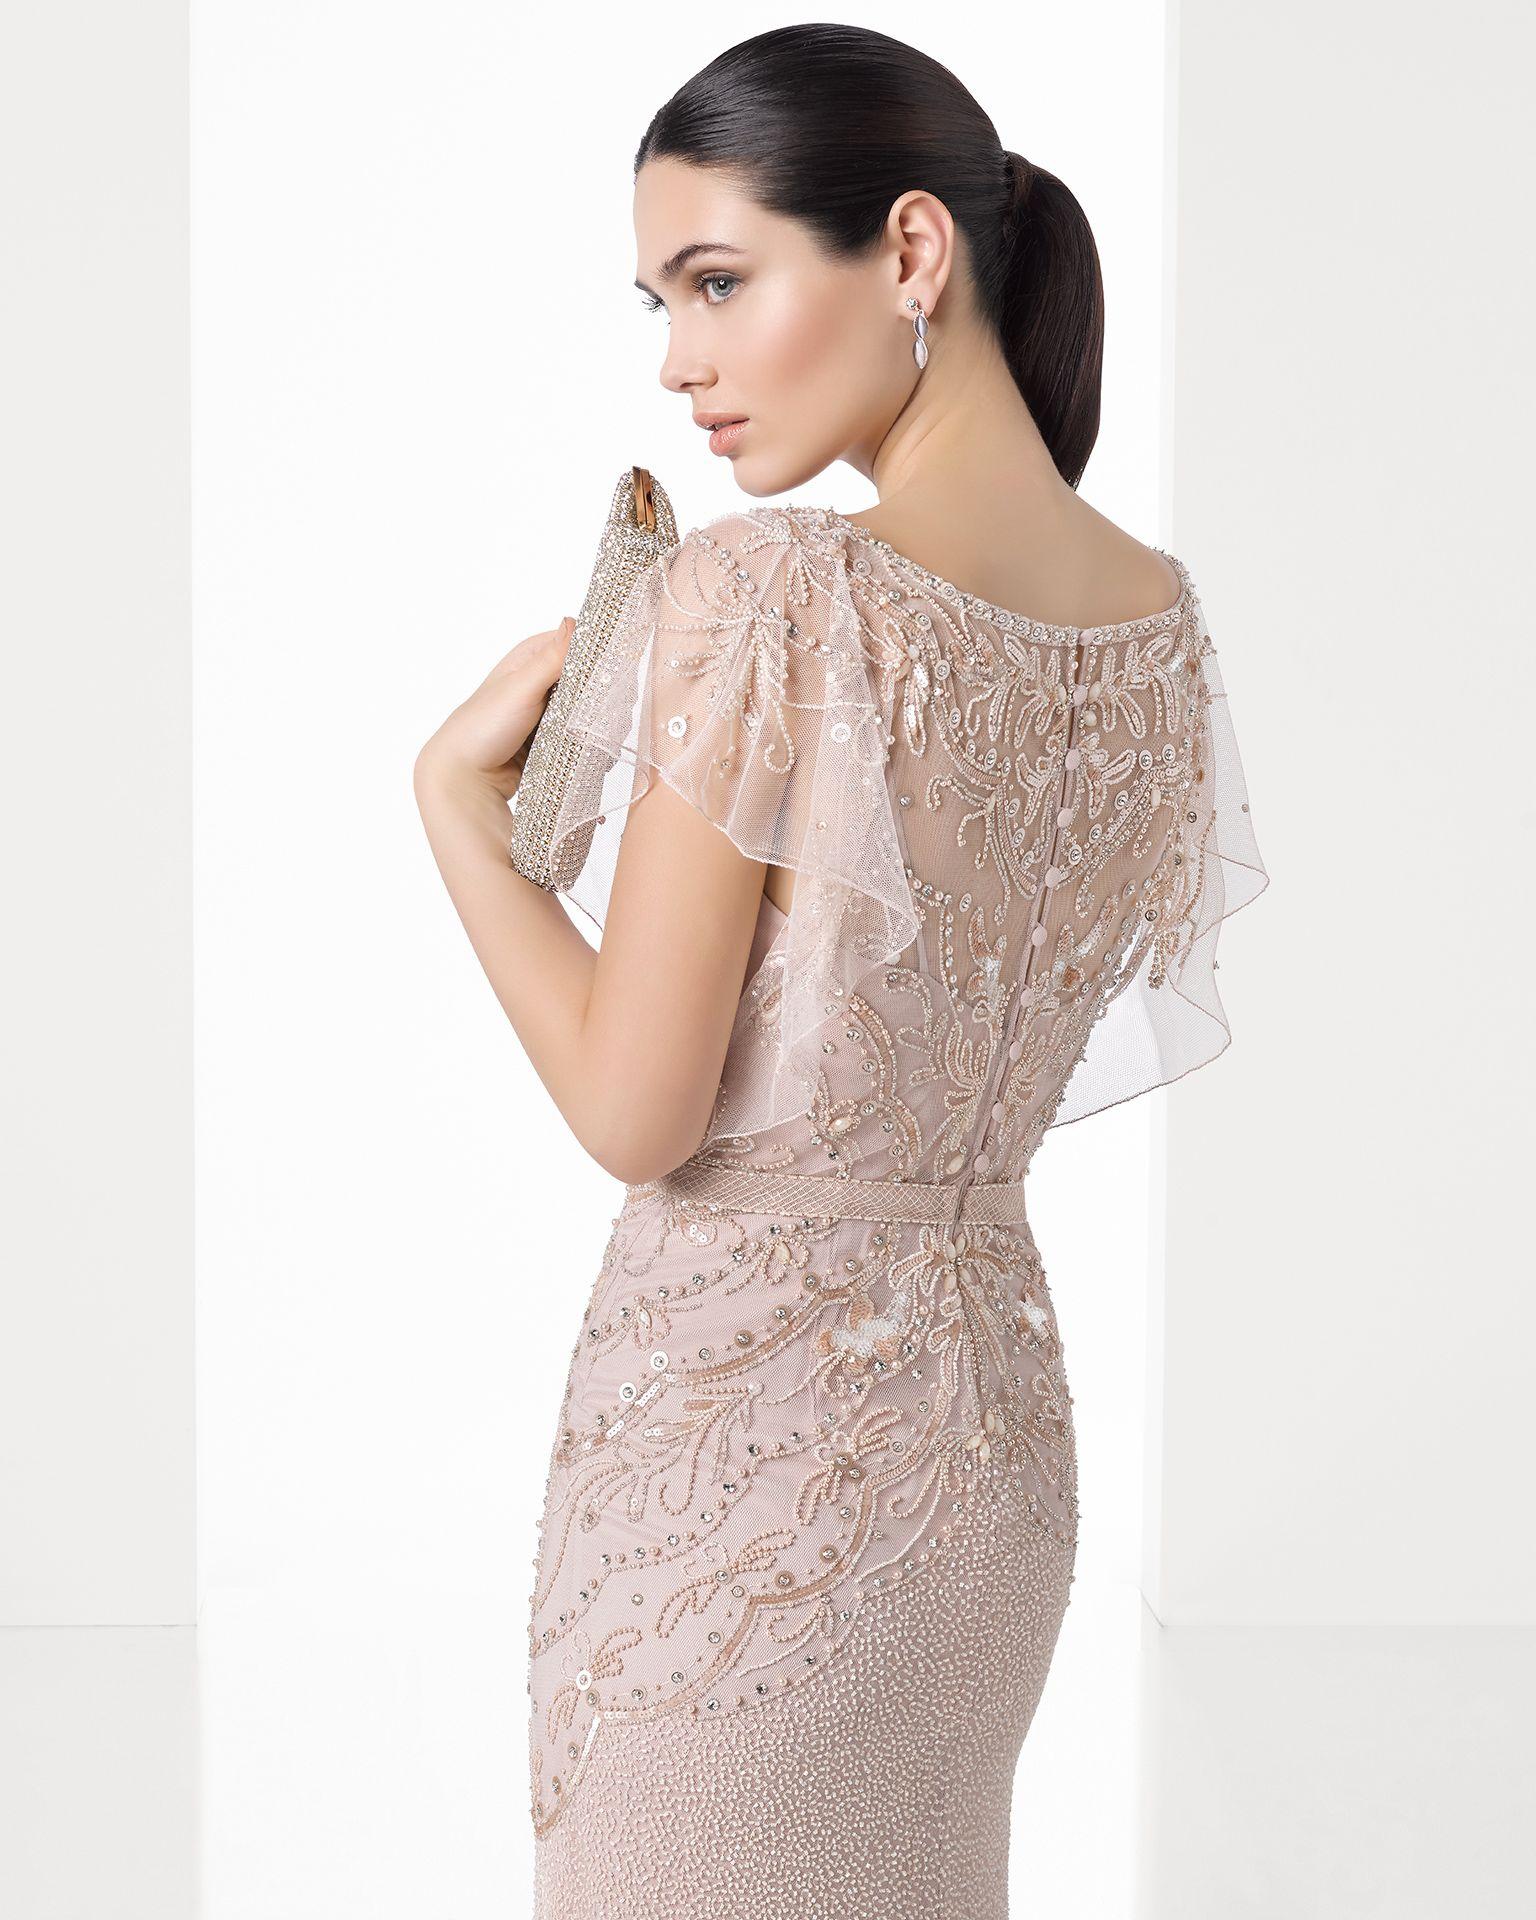 08fd7ab0e Vestido comprido leve bordado com brilhantes com manga descaída e  complementado com transparência